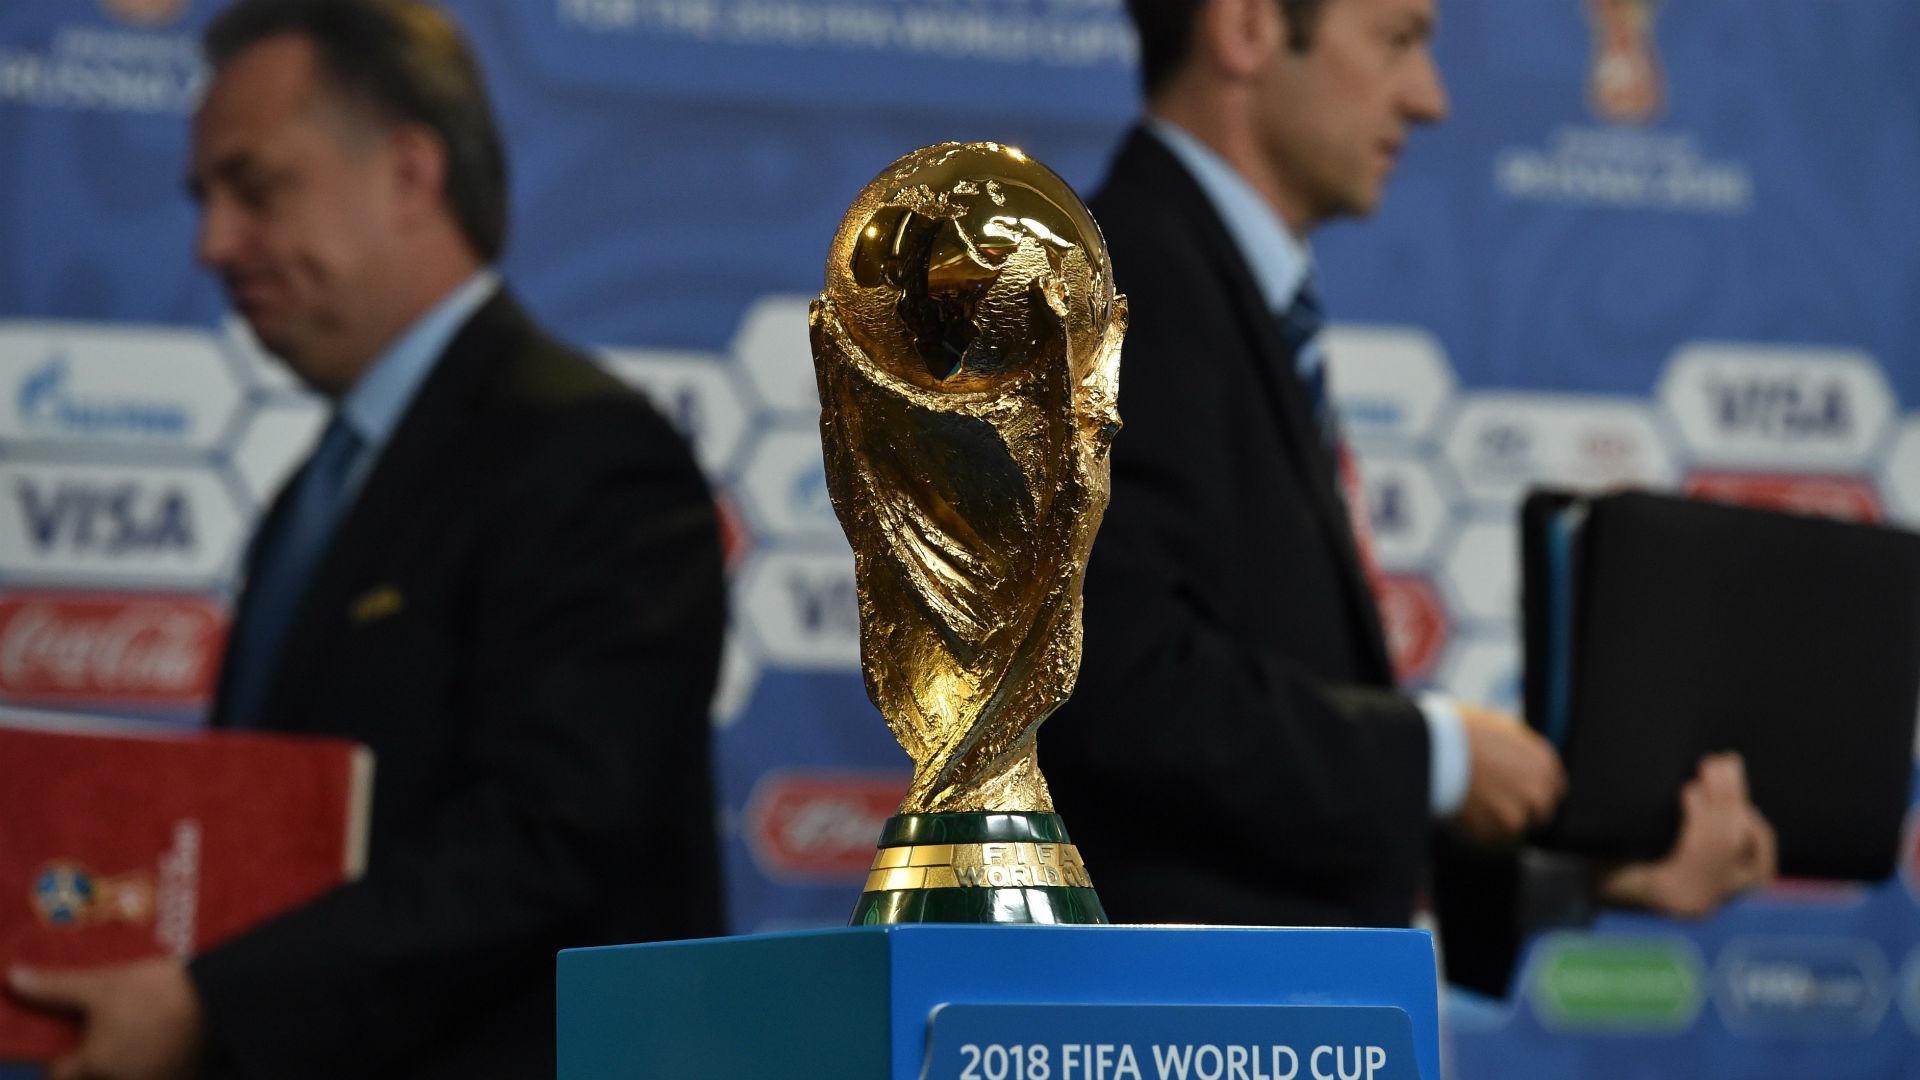 world-cup-trophy_1ikr3u4dq15y613spcqml4qwkn